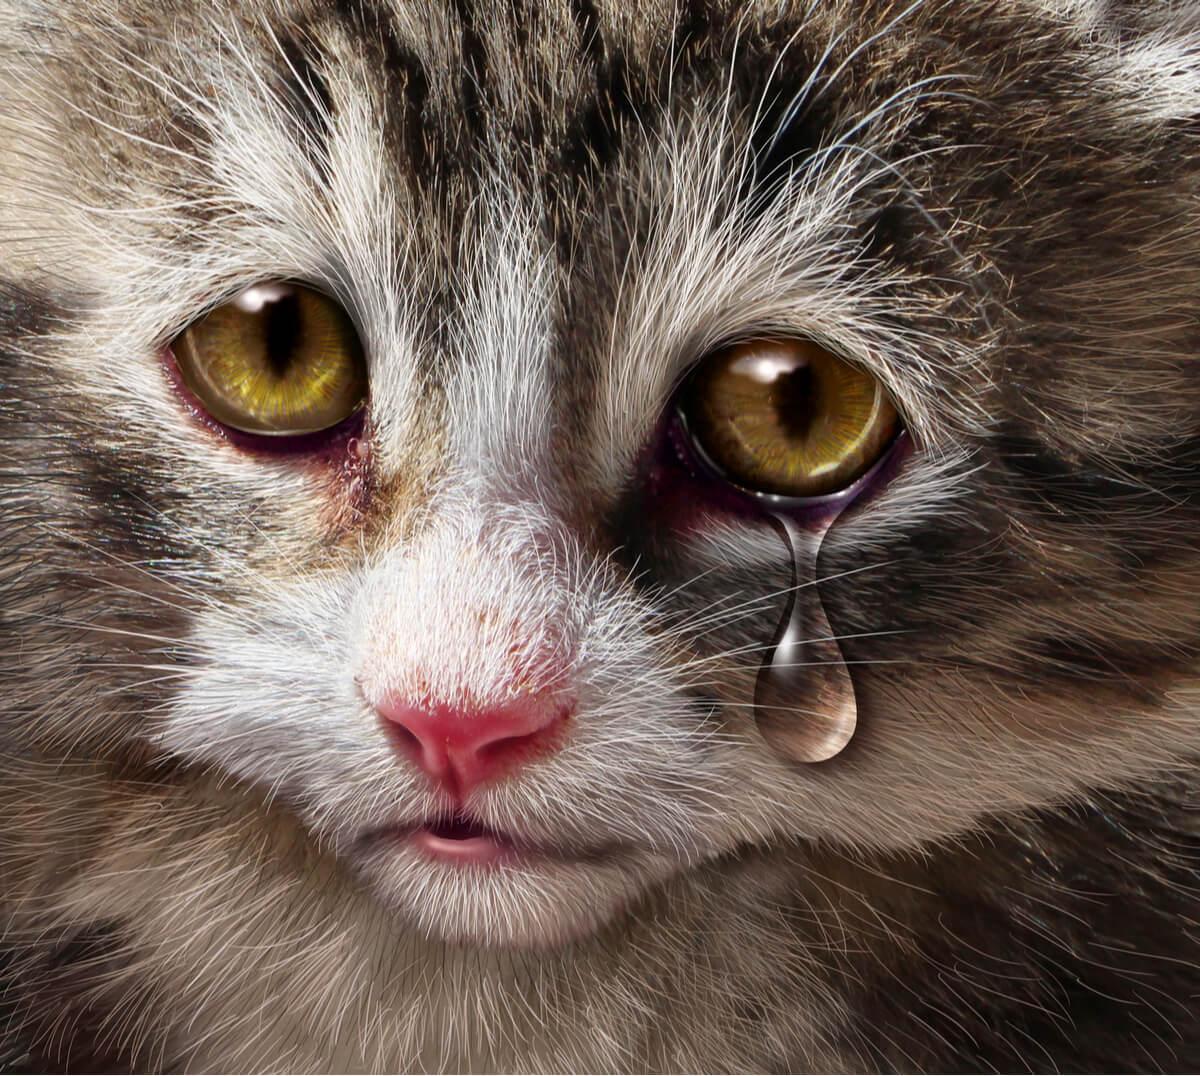 Un fotomontaje de un gato llorando.